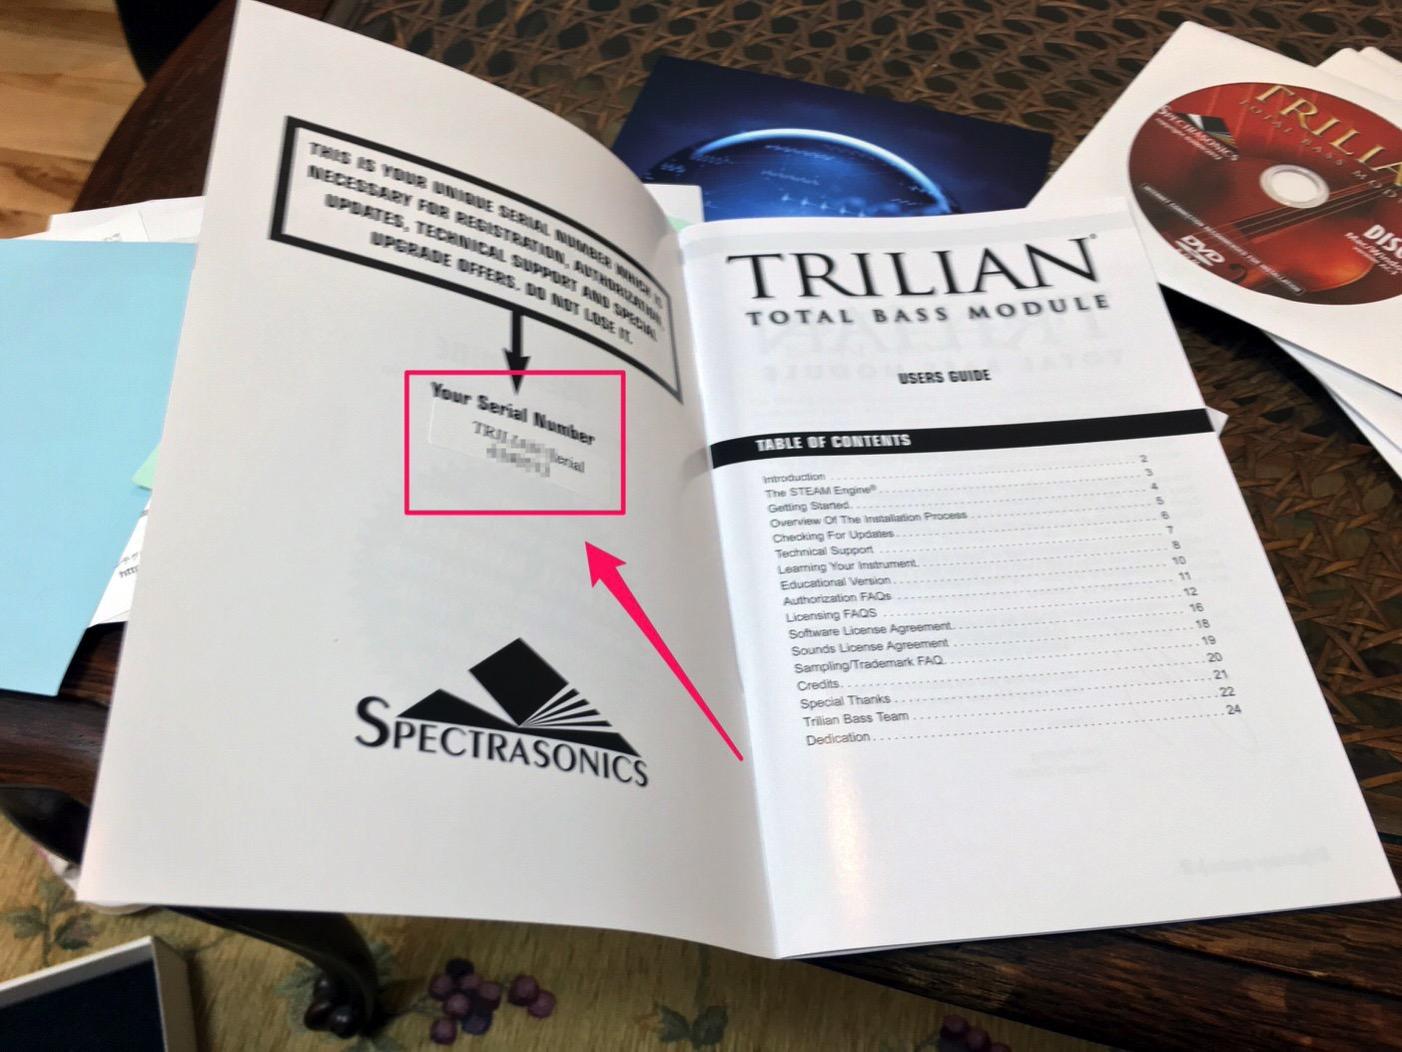 Trilianのシリアルナンバー